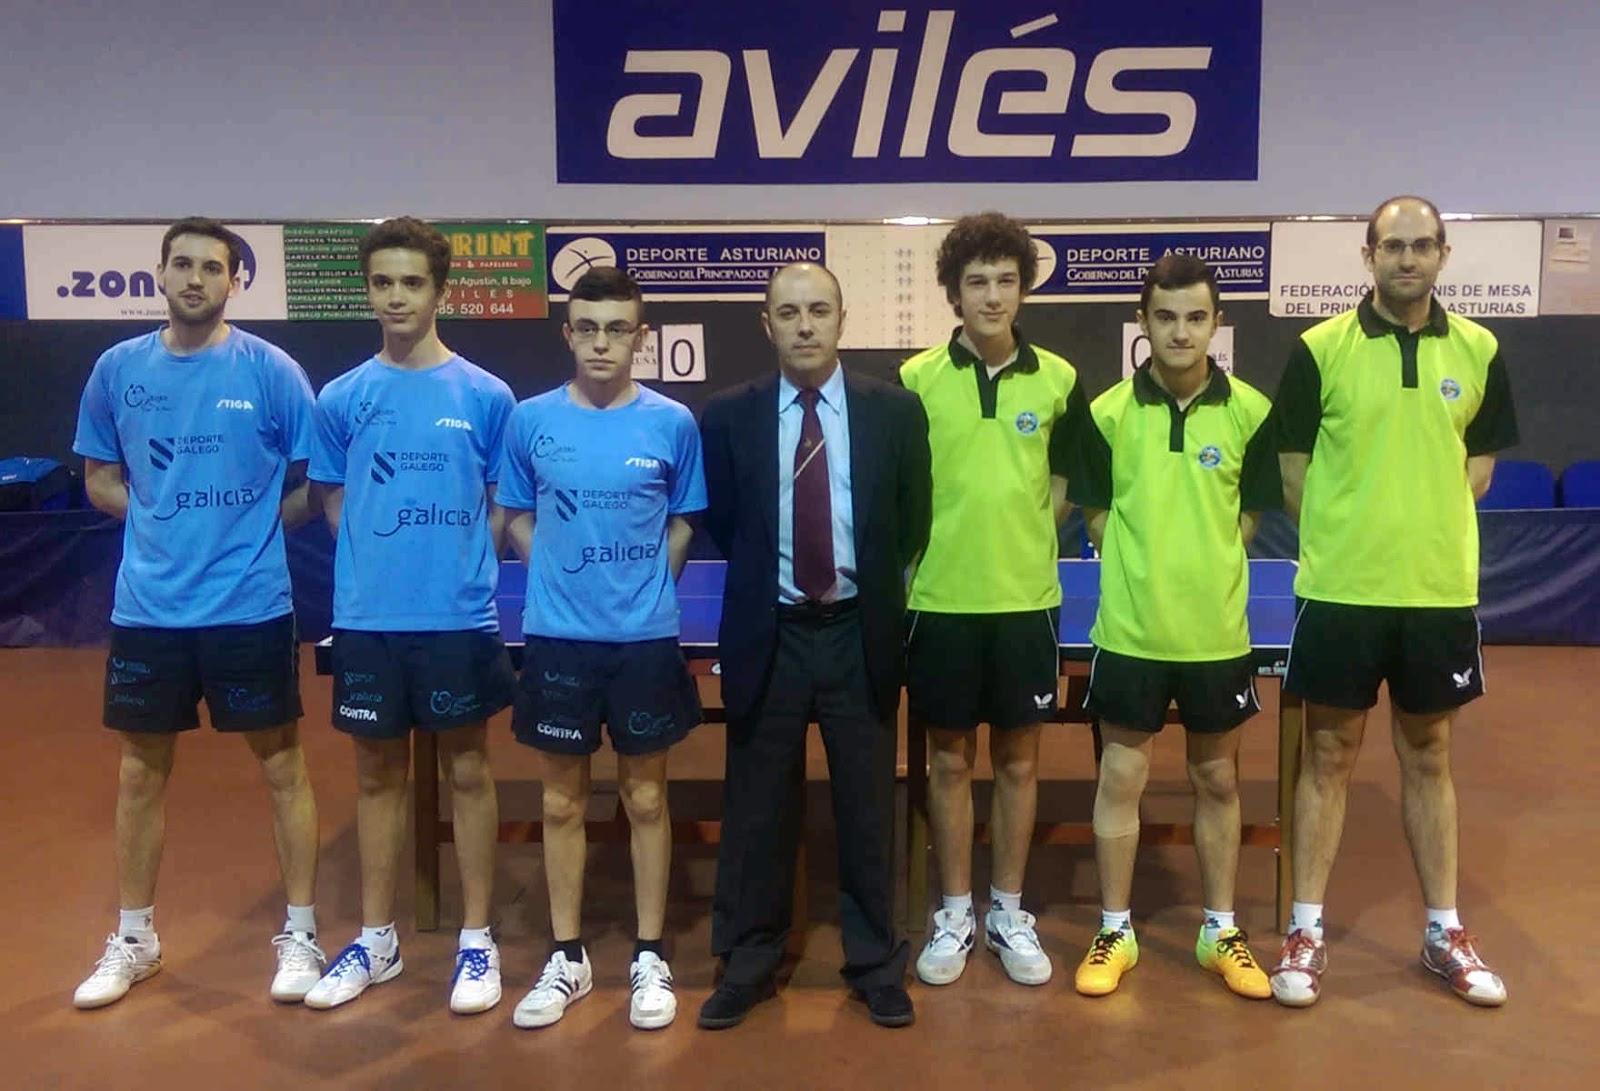 Federaci n de tenis de mesa del principado de asturias - Aviles tenis de mesa ...